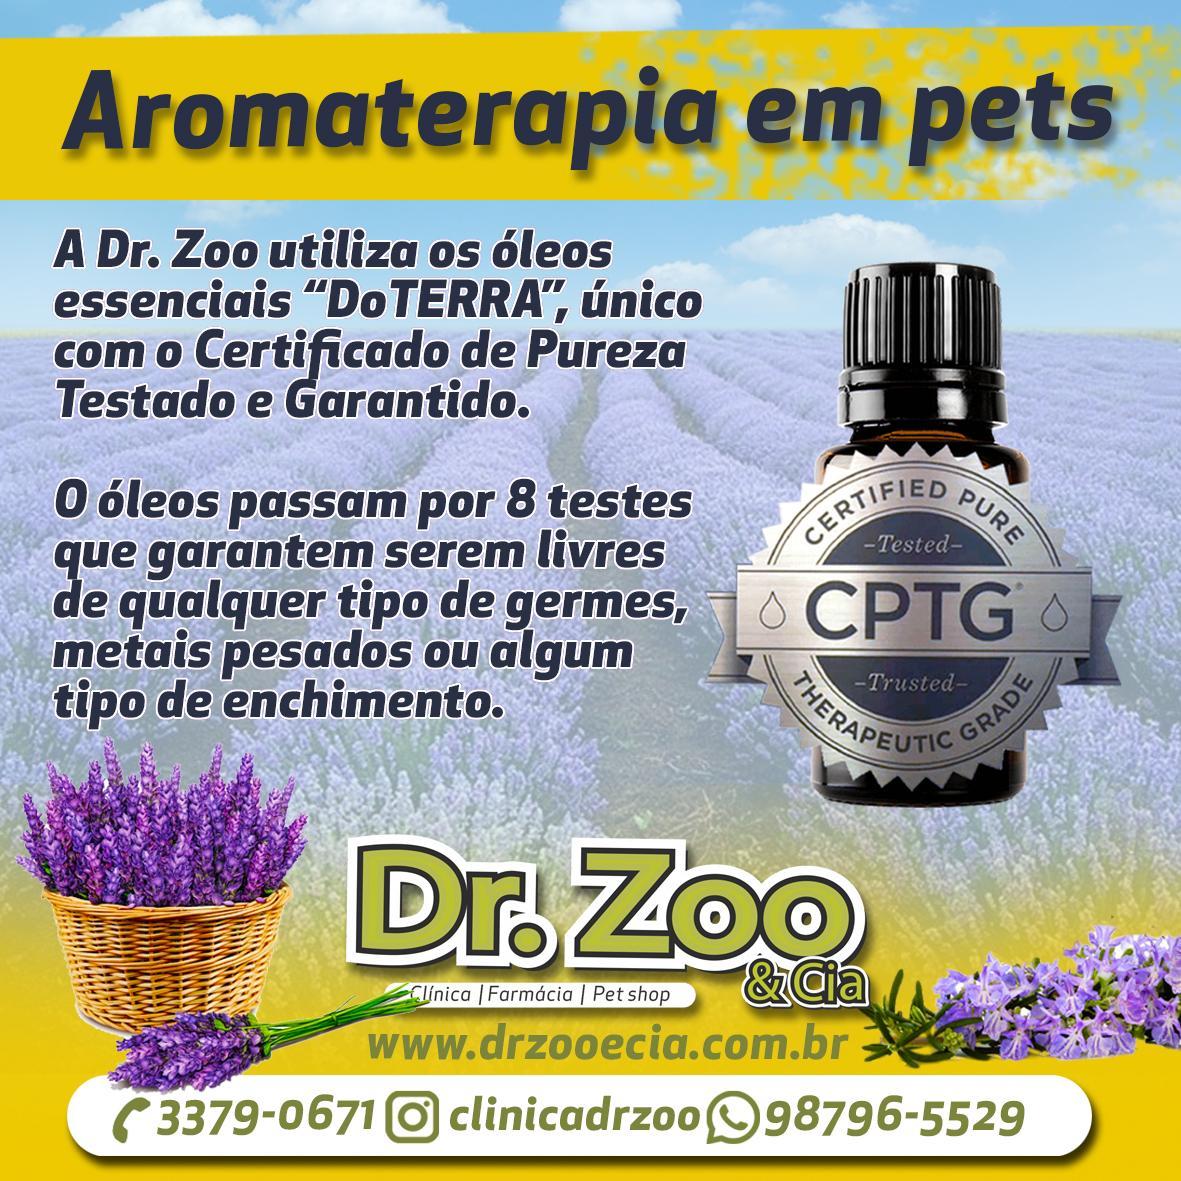 Aromaterapia em pets - Certificado de pureza